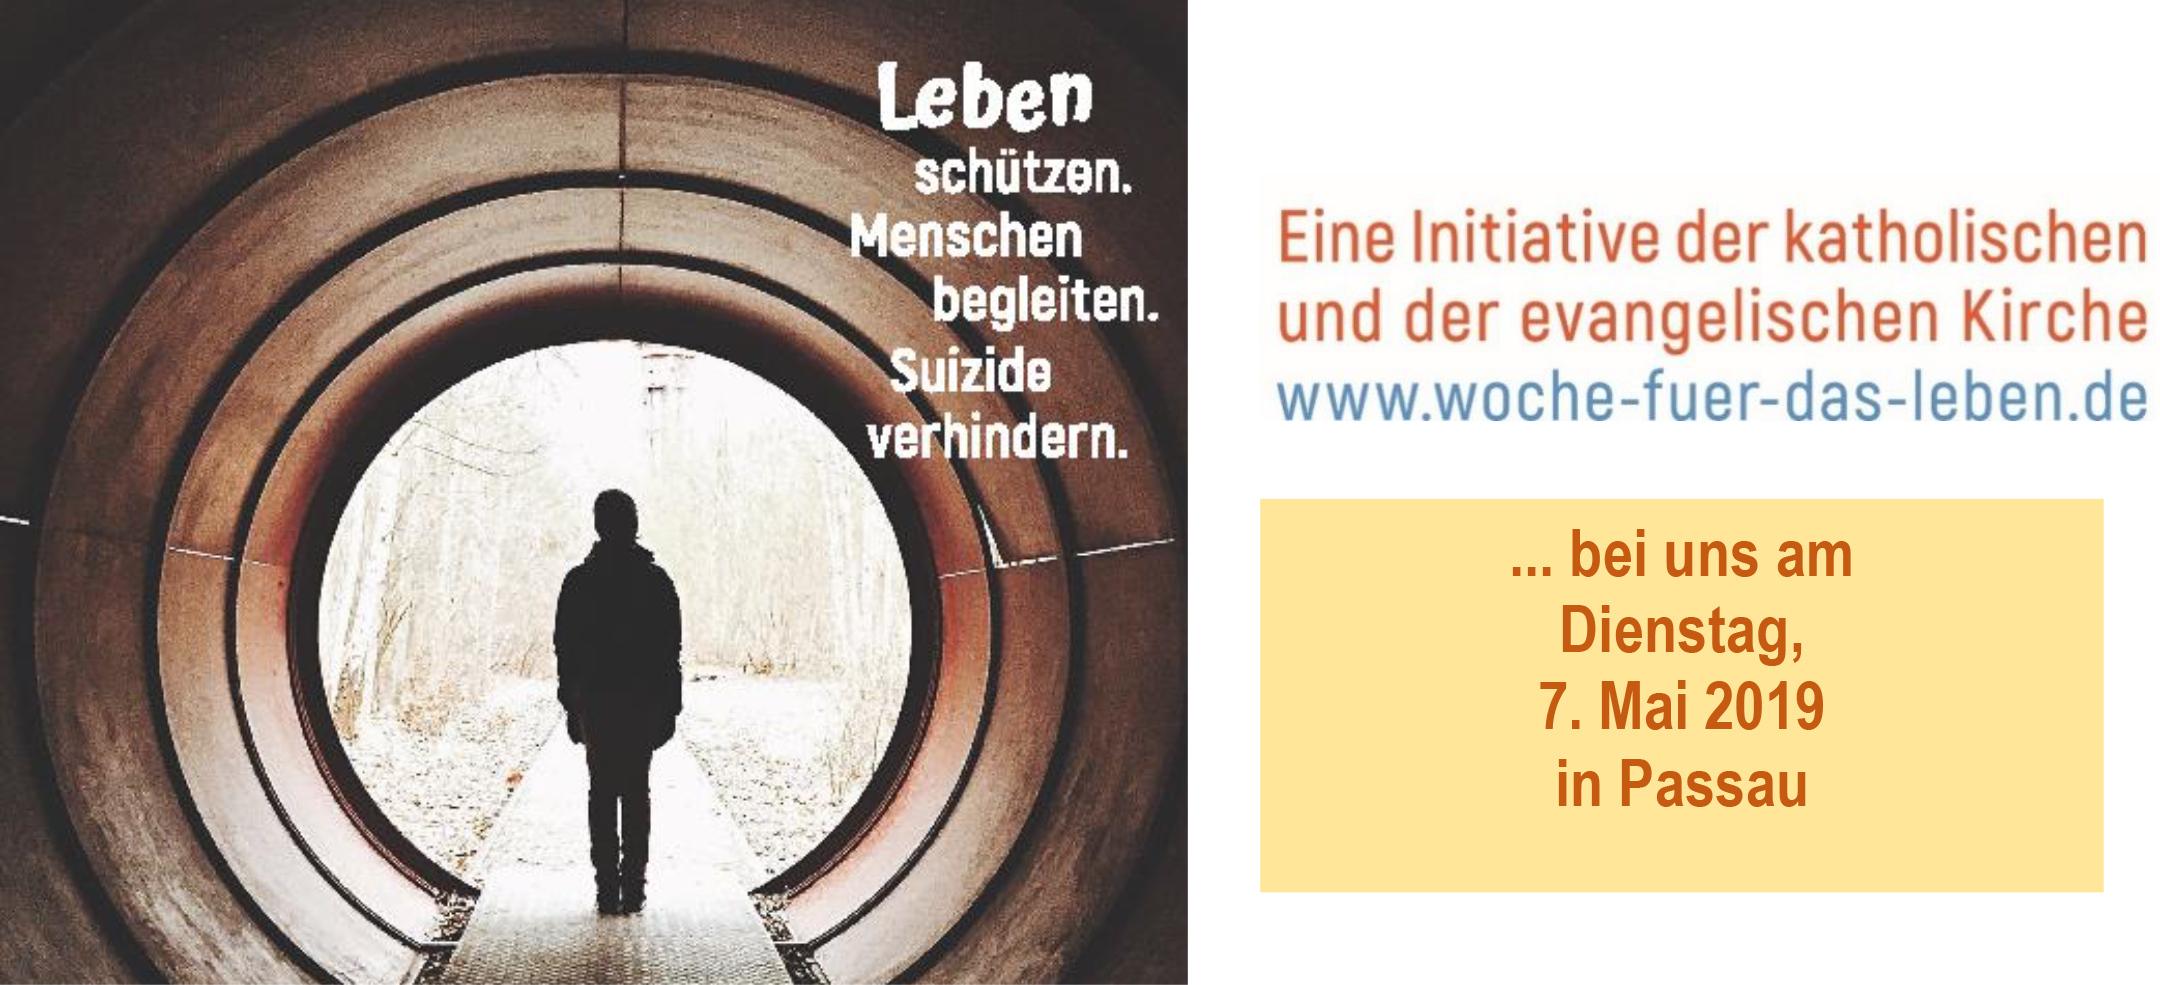 Einladung-Woche-für-das-Leben-2019_Bild-Termin